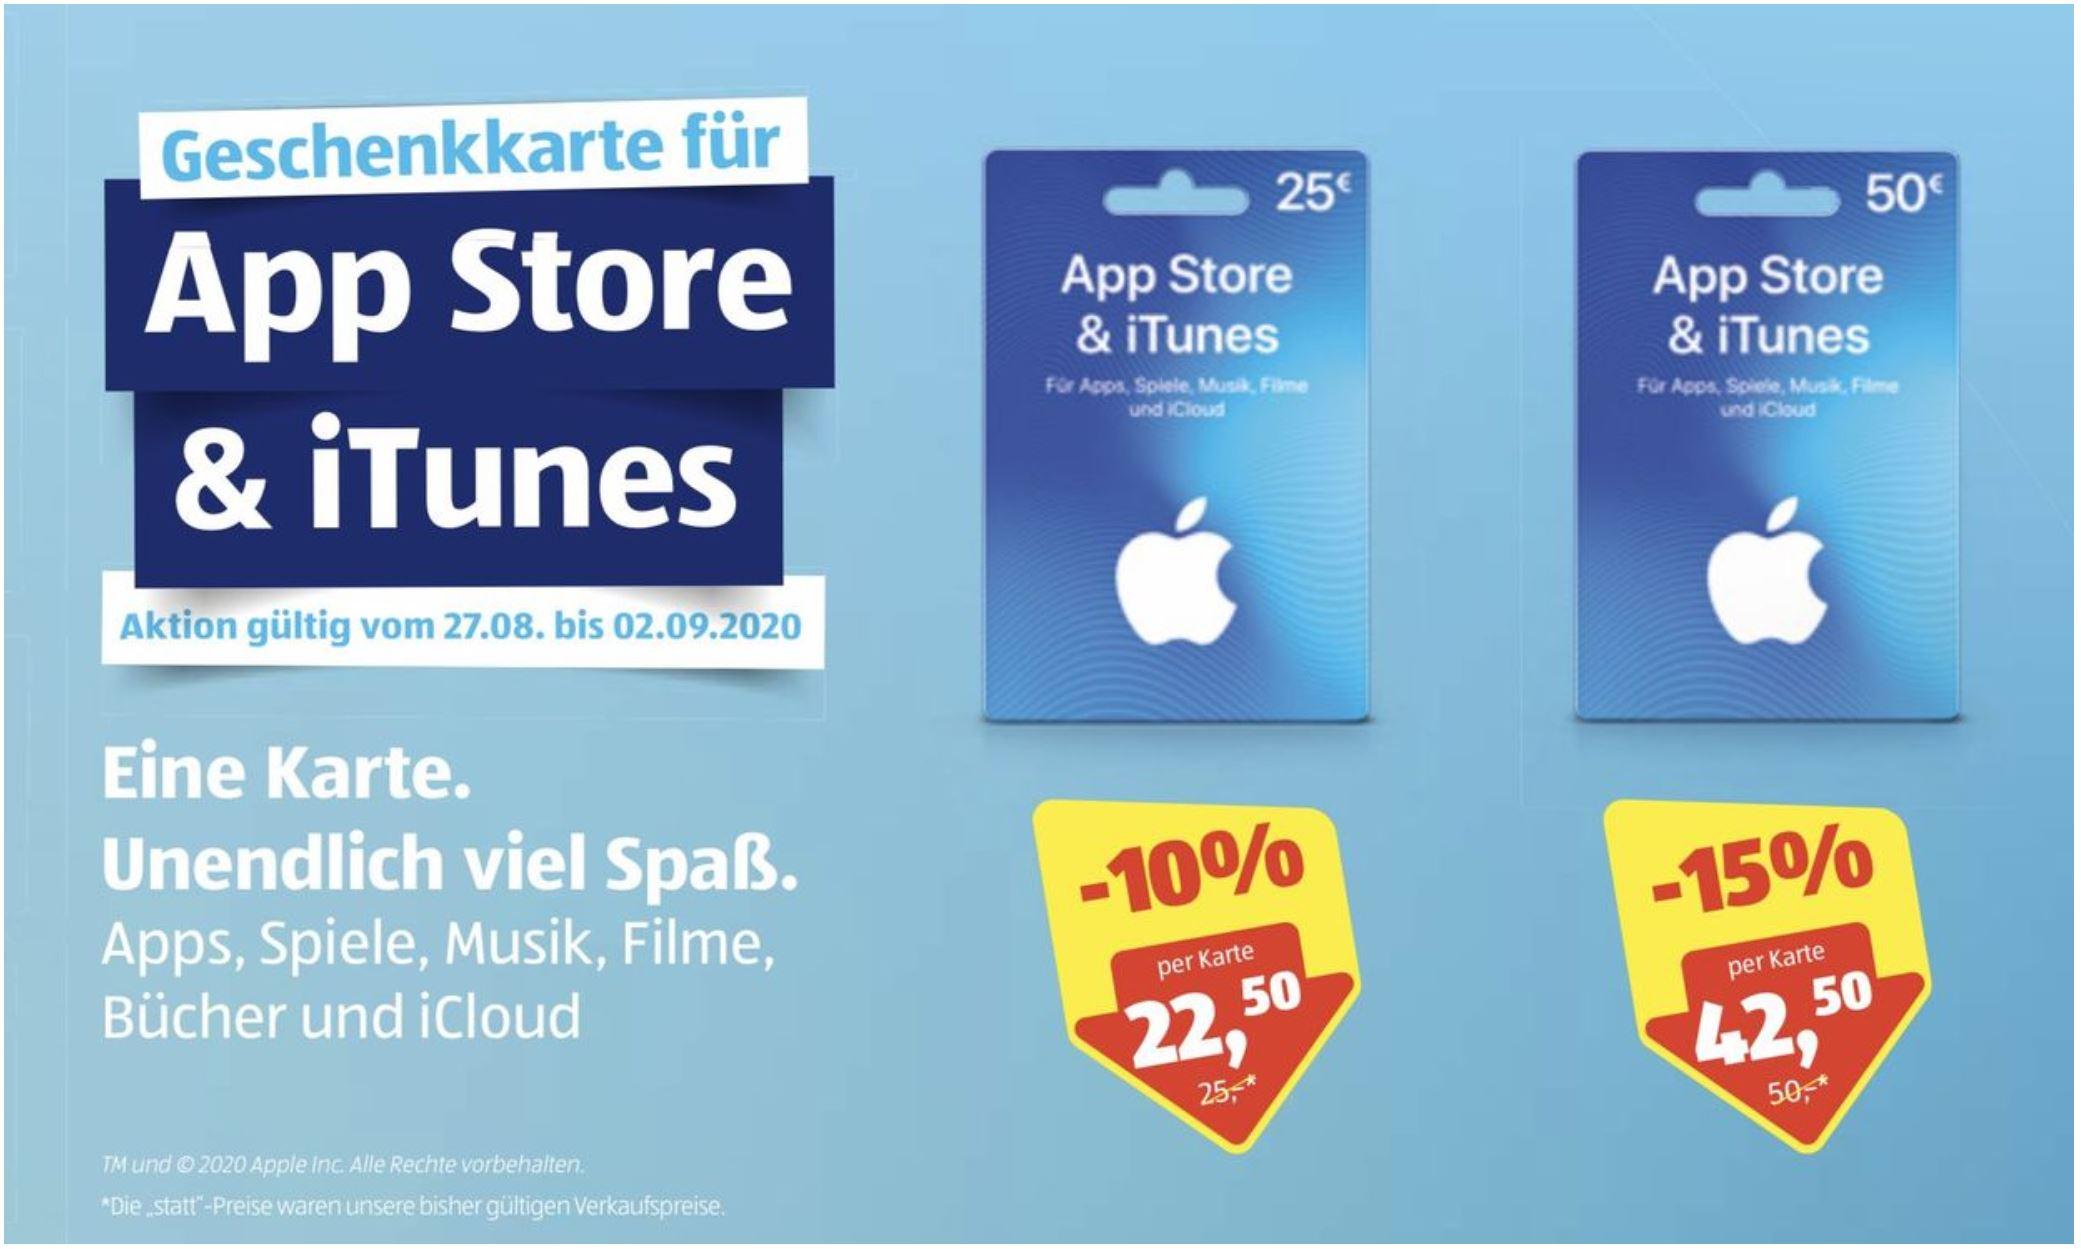 Hofer / App Store & iTunes-Geschenkkarte 15% Rabatt